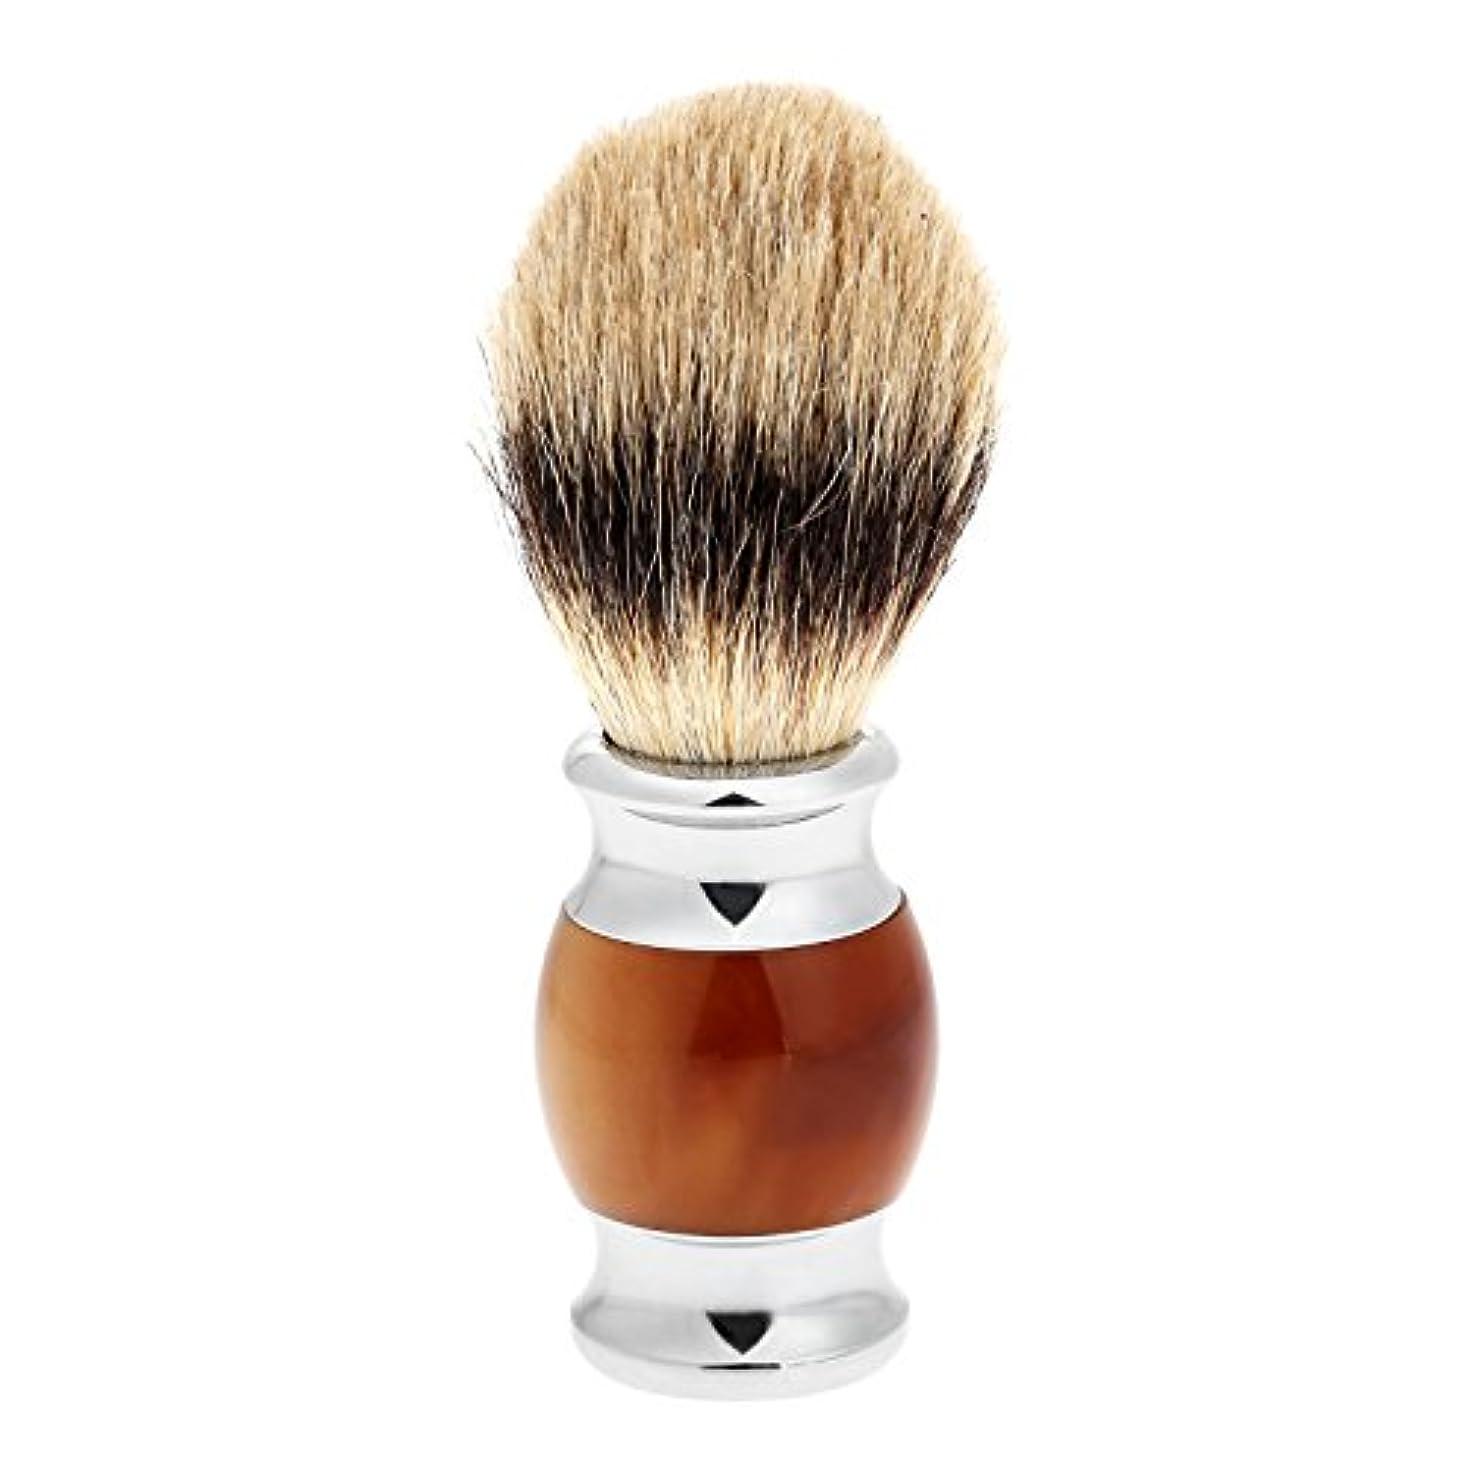 見捨てるディプロマ見出し1PC メンズ ひげブラシ アナグマ毛 シェービングブラシ バーバー シェービング用ブラシ 理容 洗顔 髭剃り